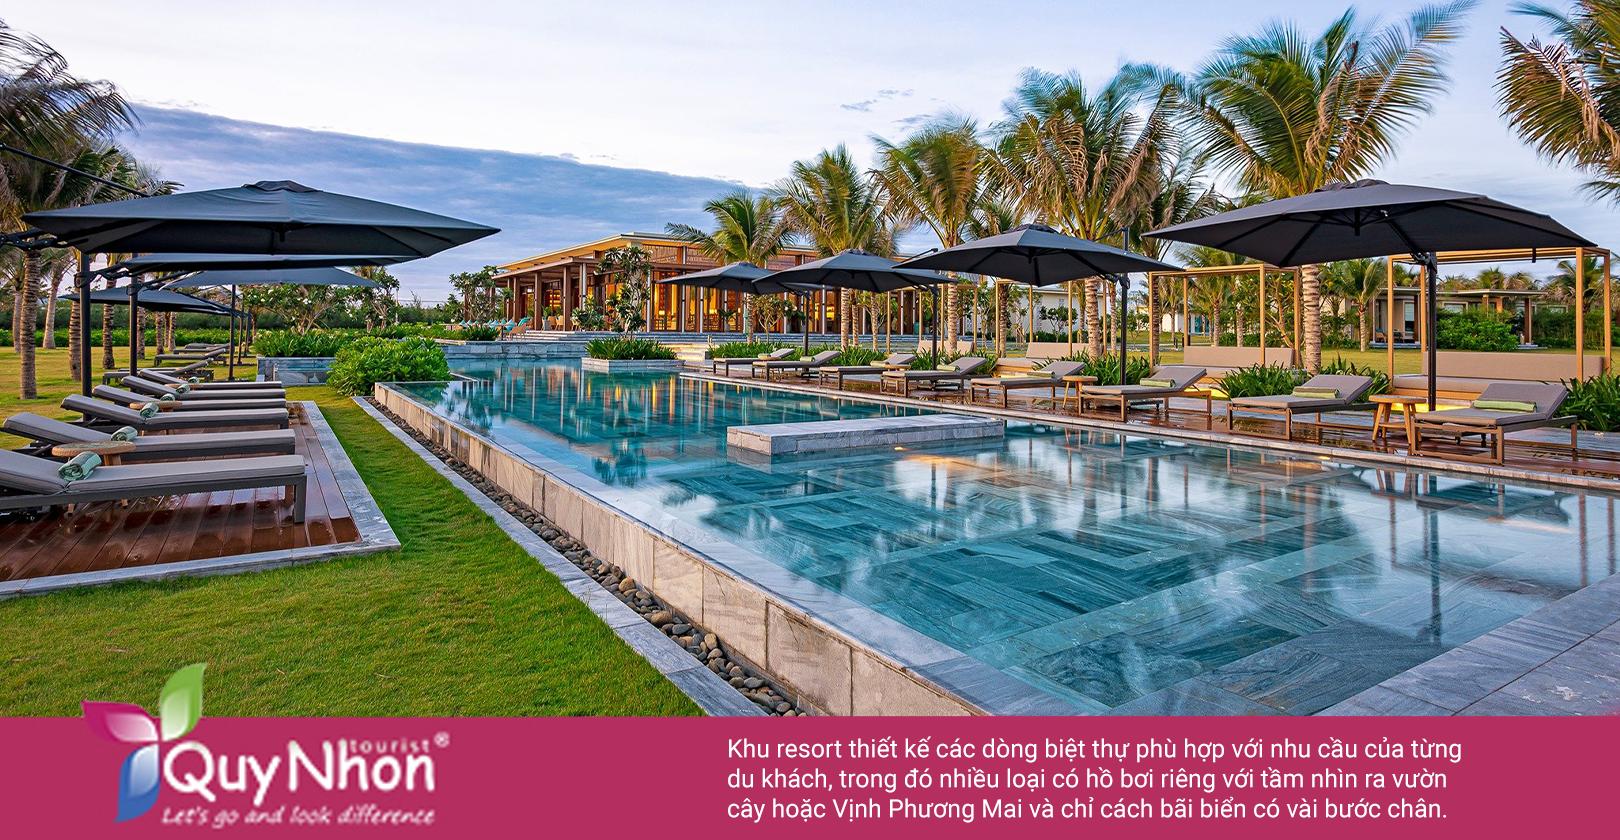 Nằm giữa khu vườn nhiệt đới ngập tràn ánh nắng, Maia Resort Quy Nhơn có tổng diện tích lên tới 125 m2 cùng khu vườn rợp bóng cây xanh ngát - Ảnh: Maia Resort Quy Nhon